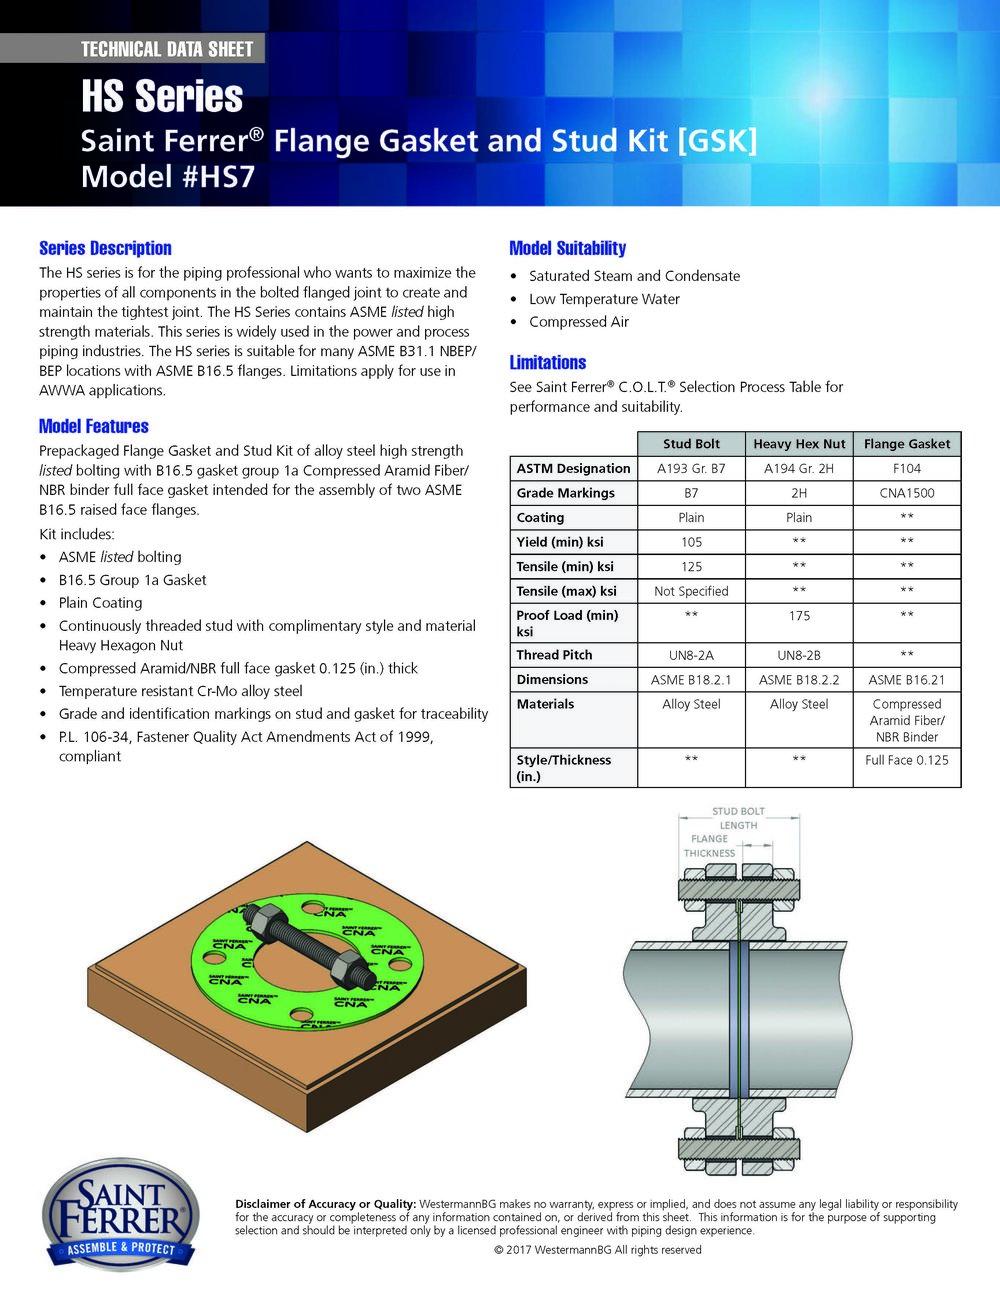 SF_Data_Sheet_HS_Series_HS7.jpg